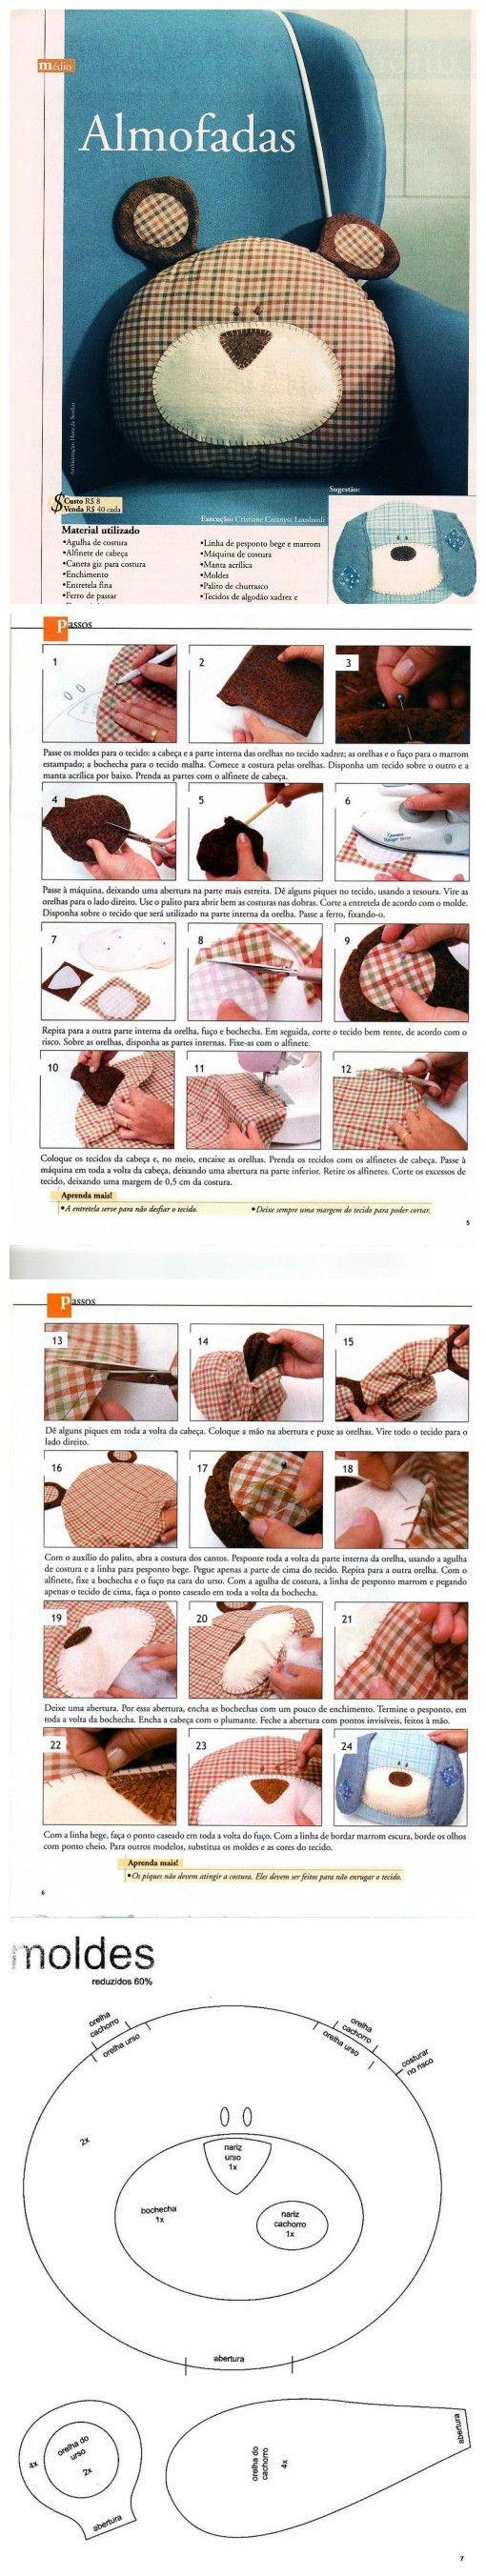 我的手工材料淘宝店铺:http://yubaobeishouzuo.taobao.com小熊 & 小狗抱枕 教程好像是葡萄牙文的,偶也不懂,大家看图说话吧!